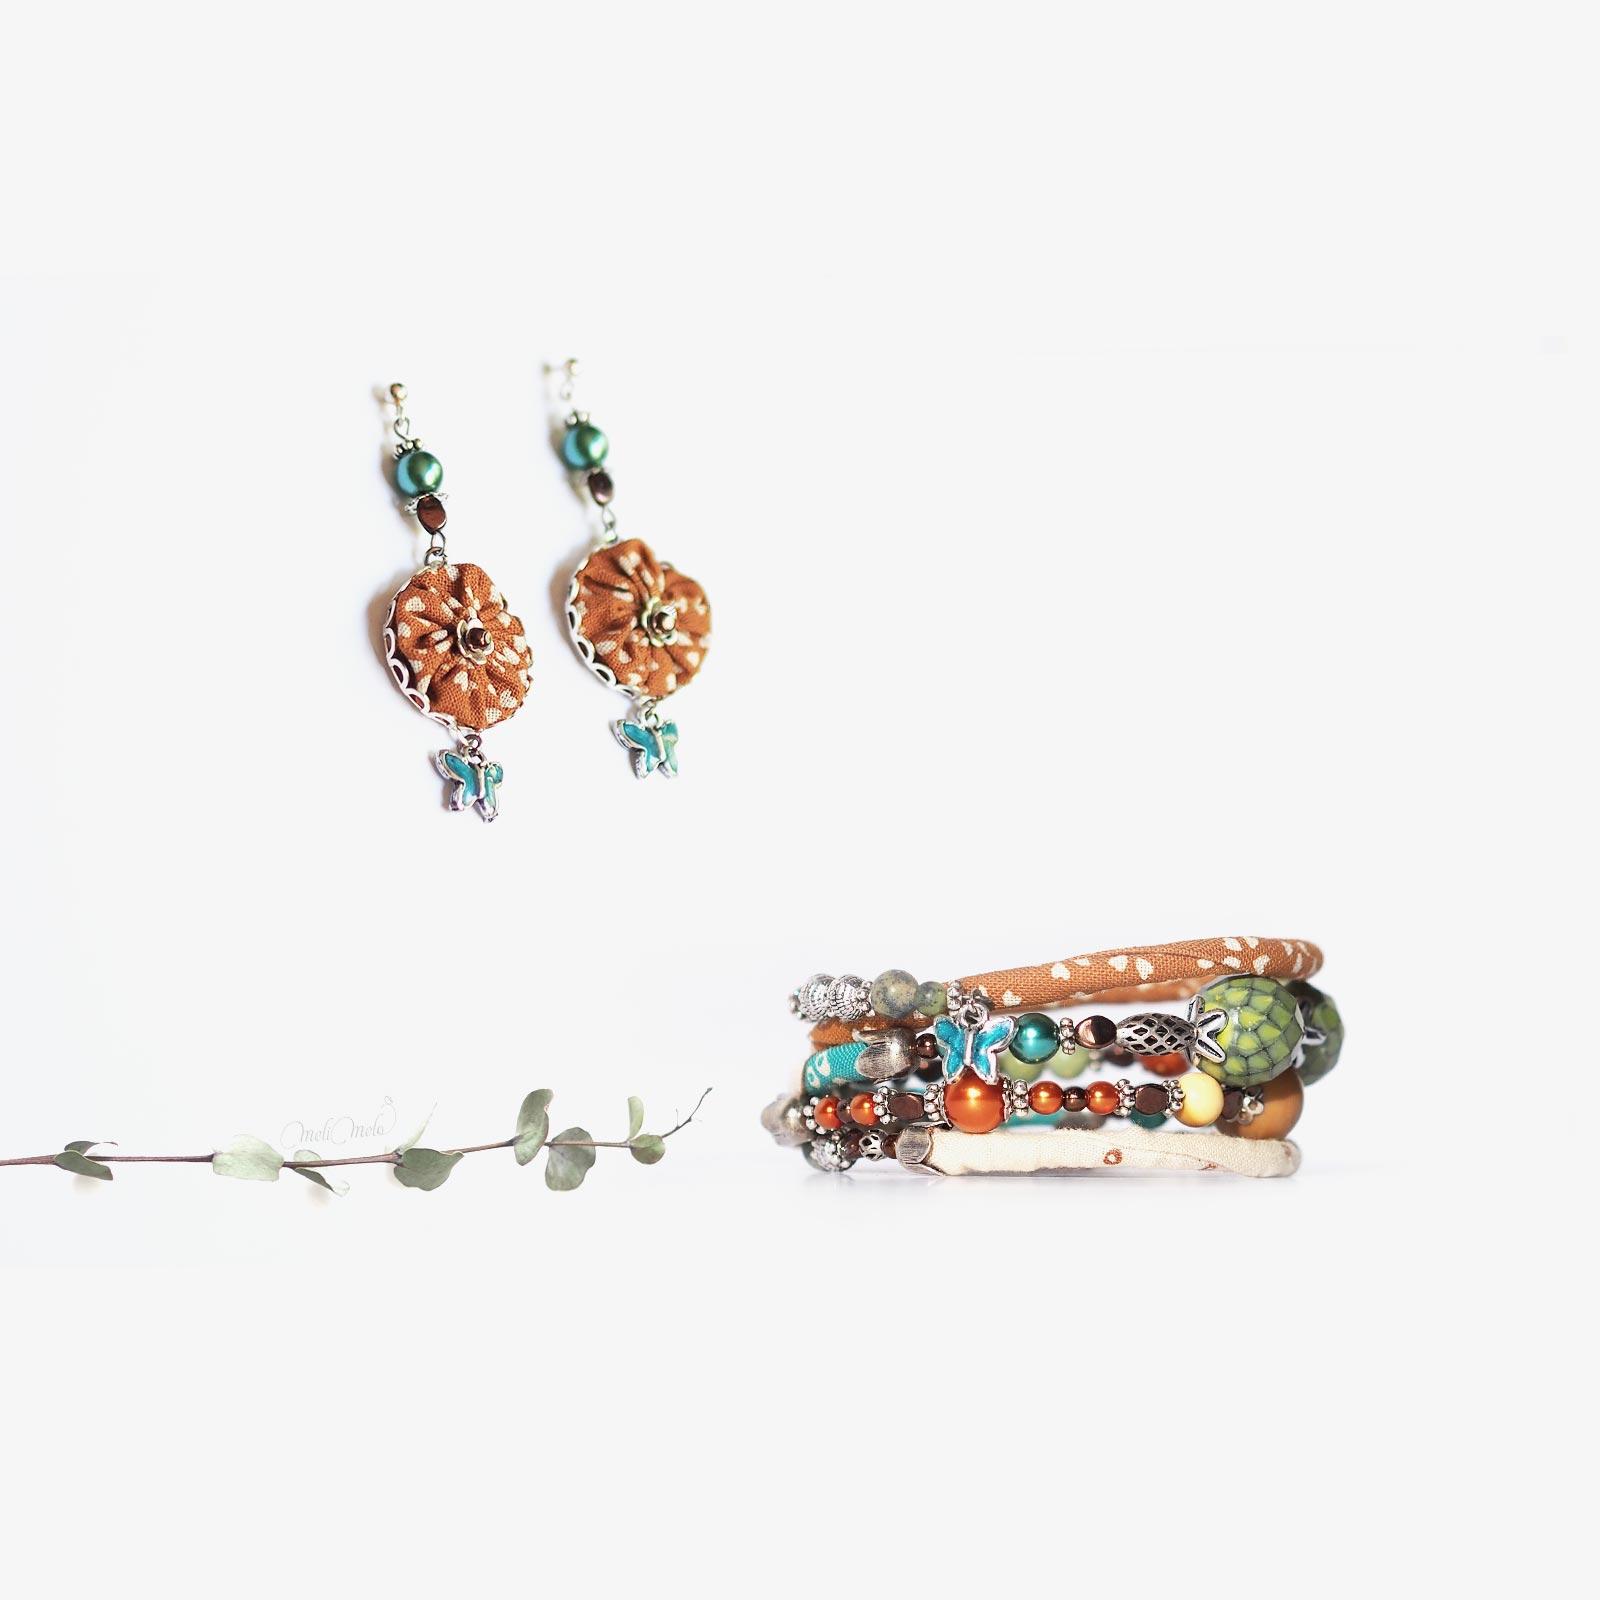 bijoux bracelet boucles d'oreliles papillons floral cristal de Swarovski laboutiquedemelimelo